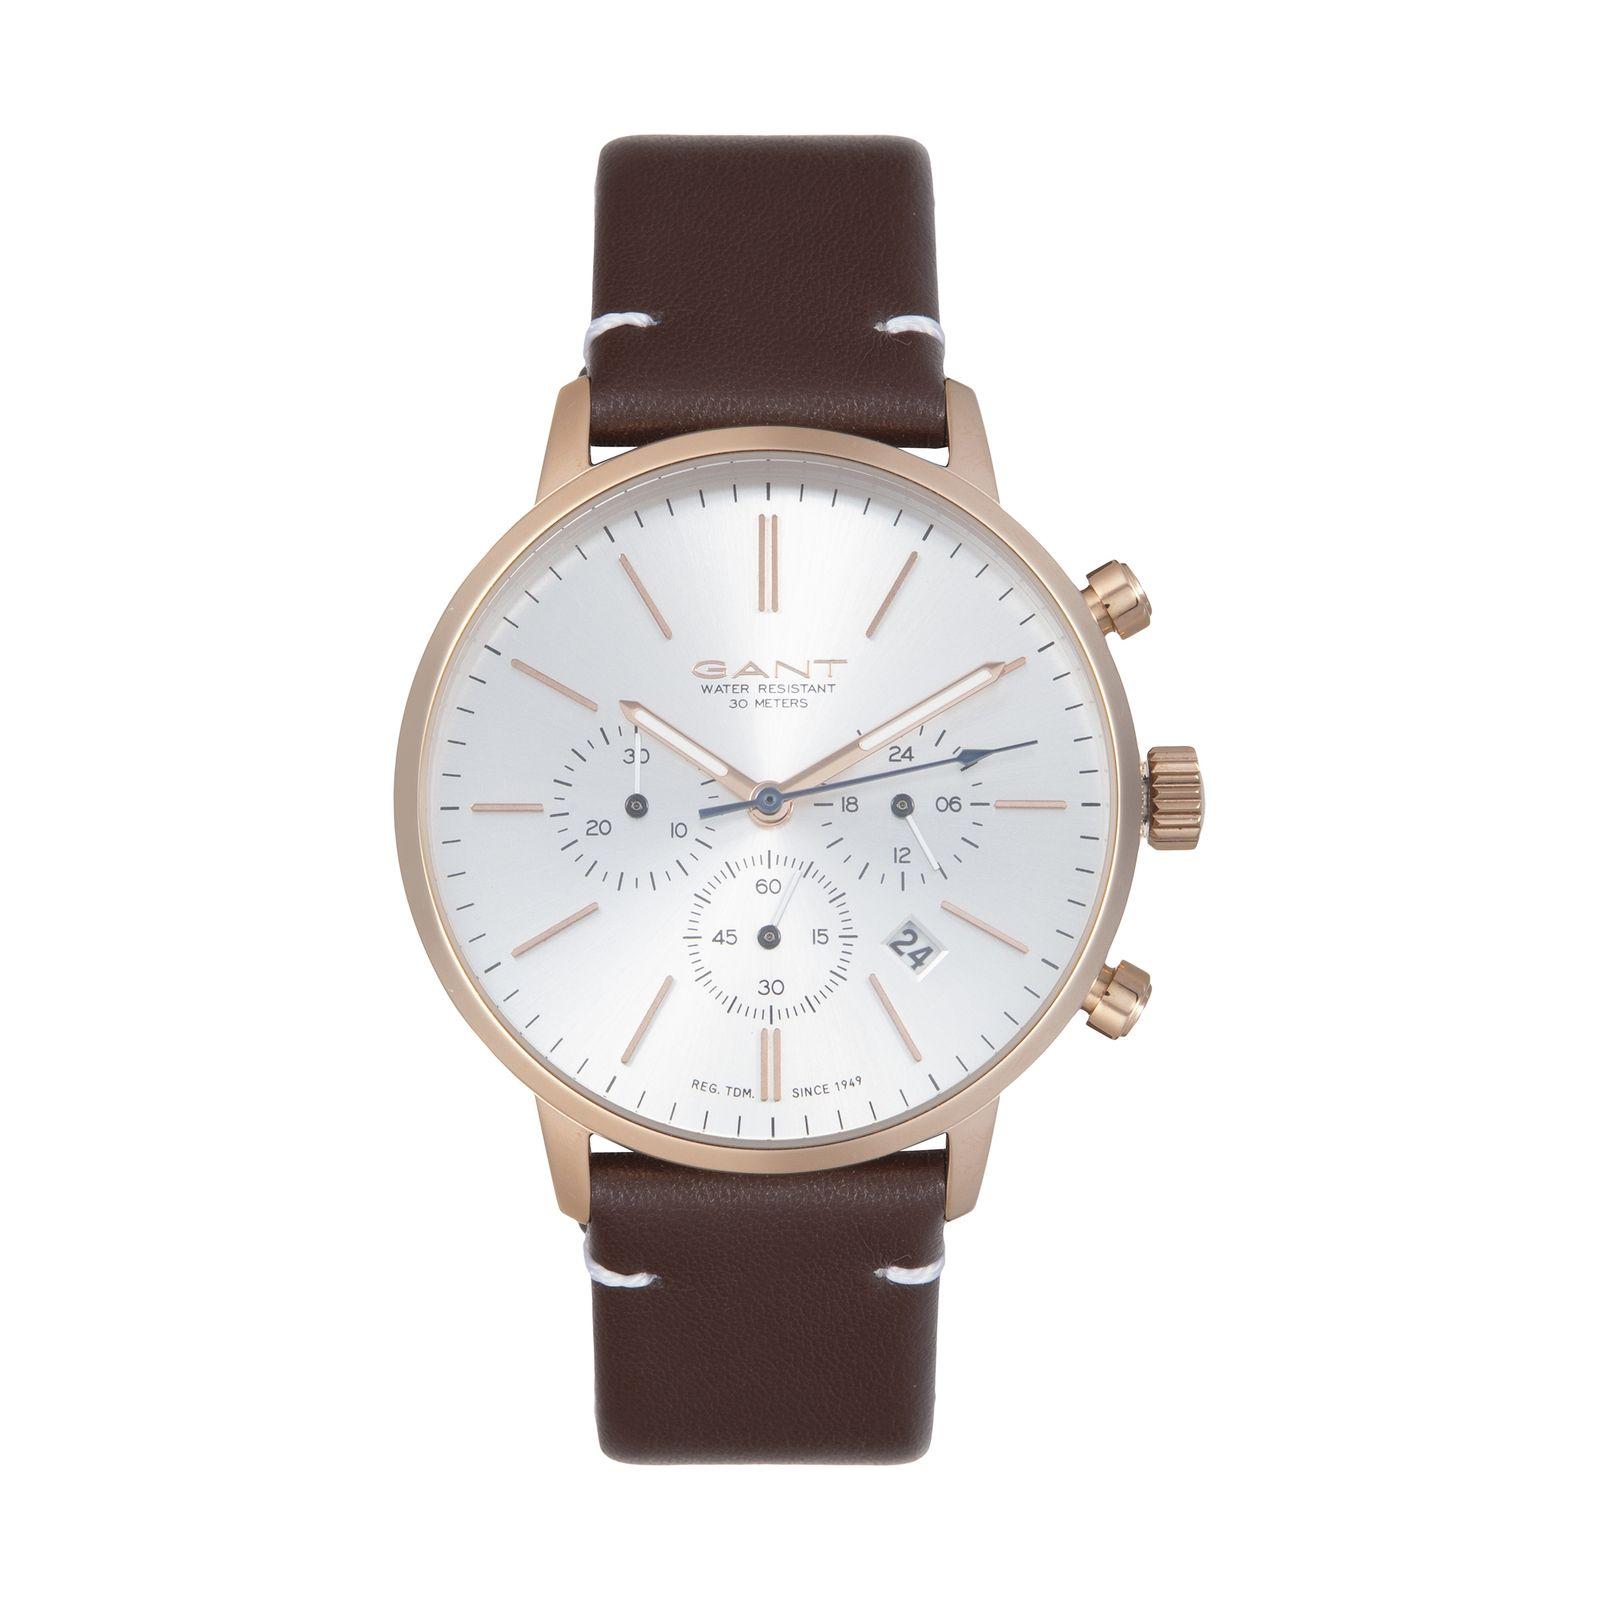 ساعت مچی عقربه ای مردانه گنت مدل GWGT076003 -  - 2